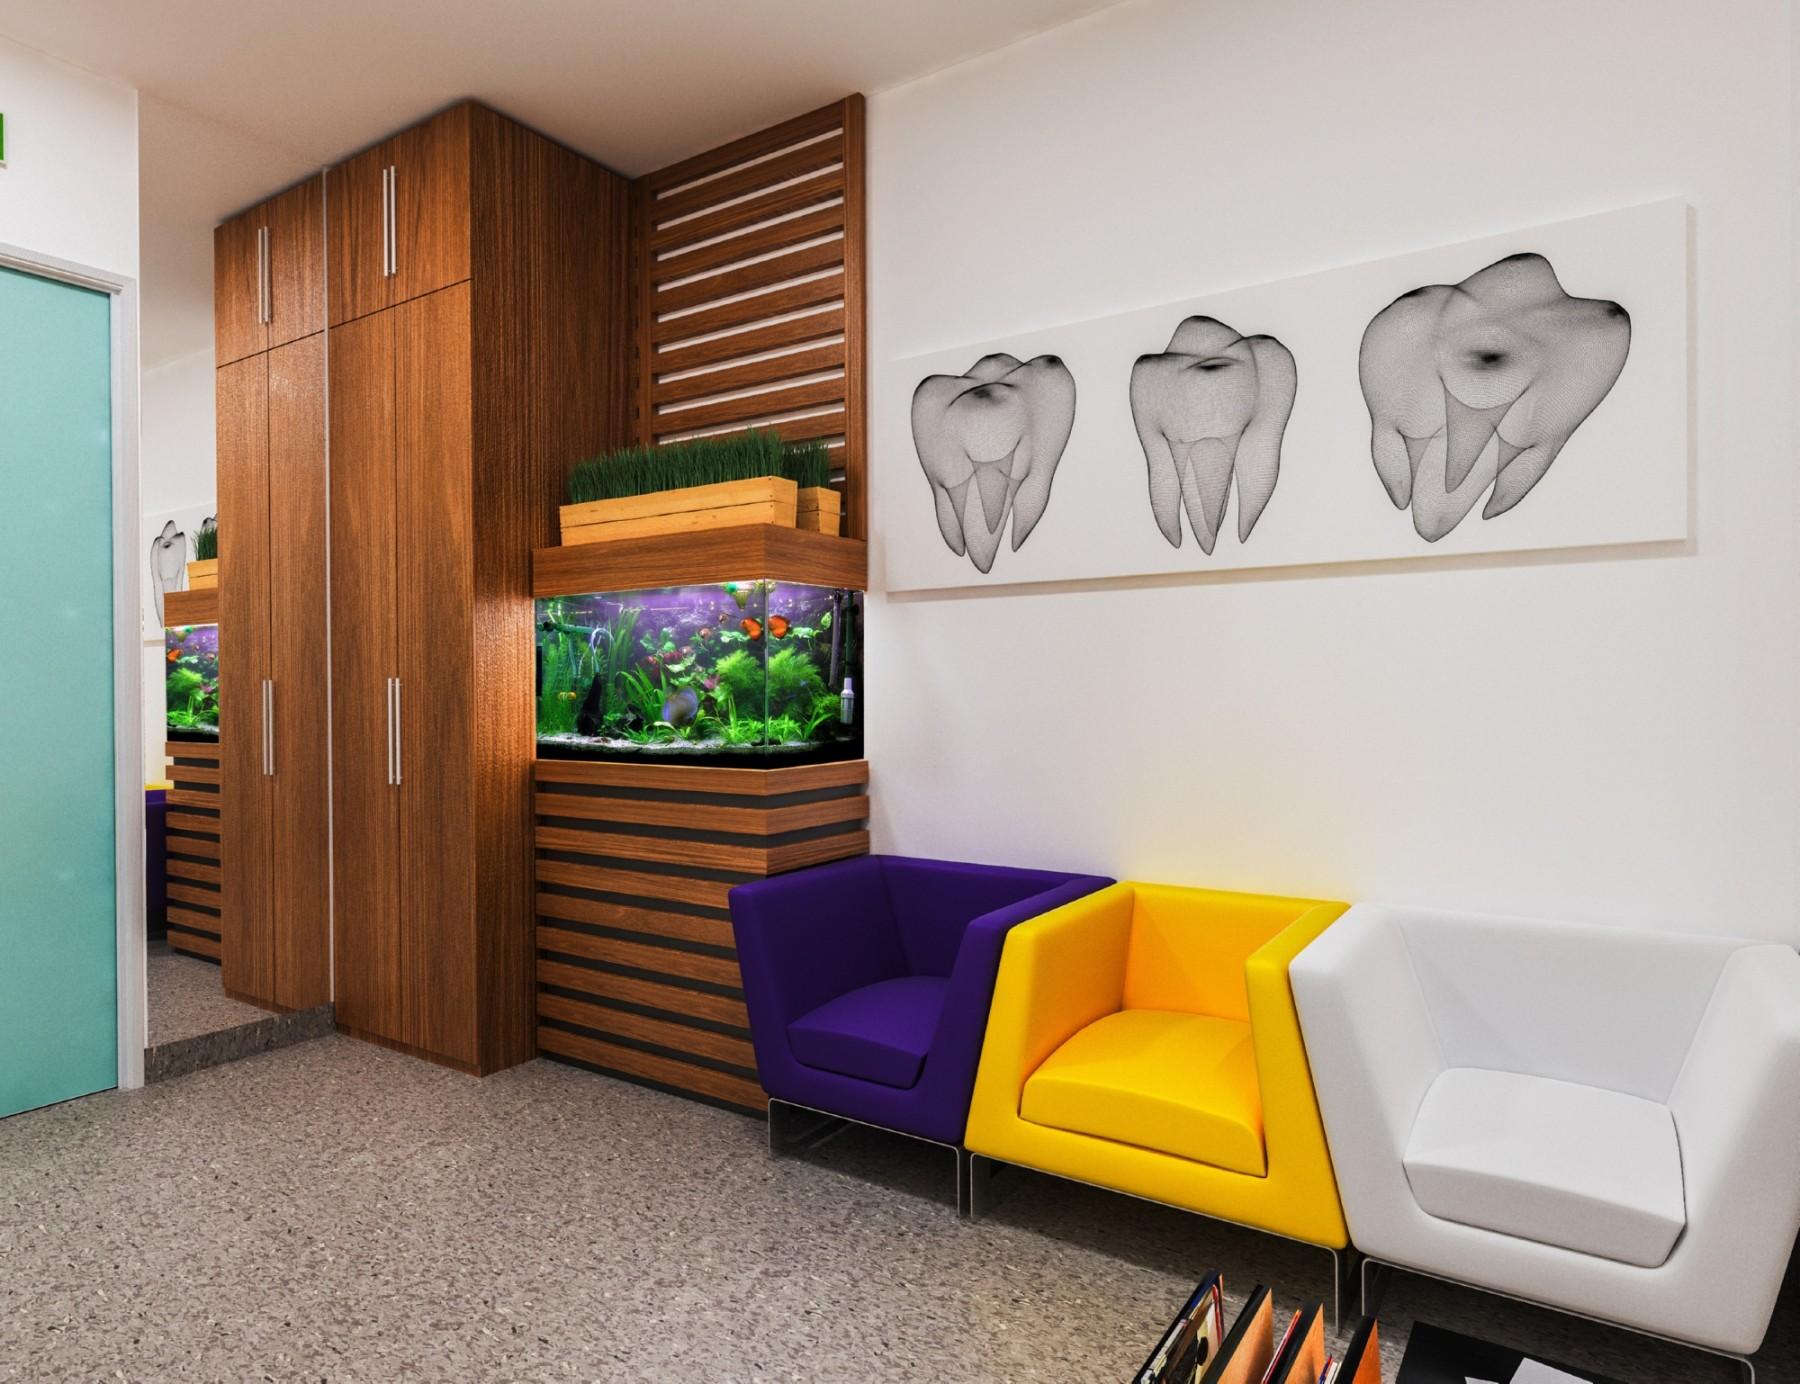 Aquarium Design & Installation | Maryland Aquarium Design